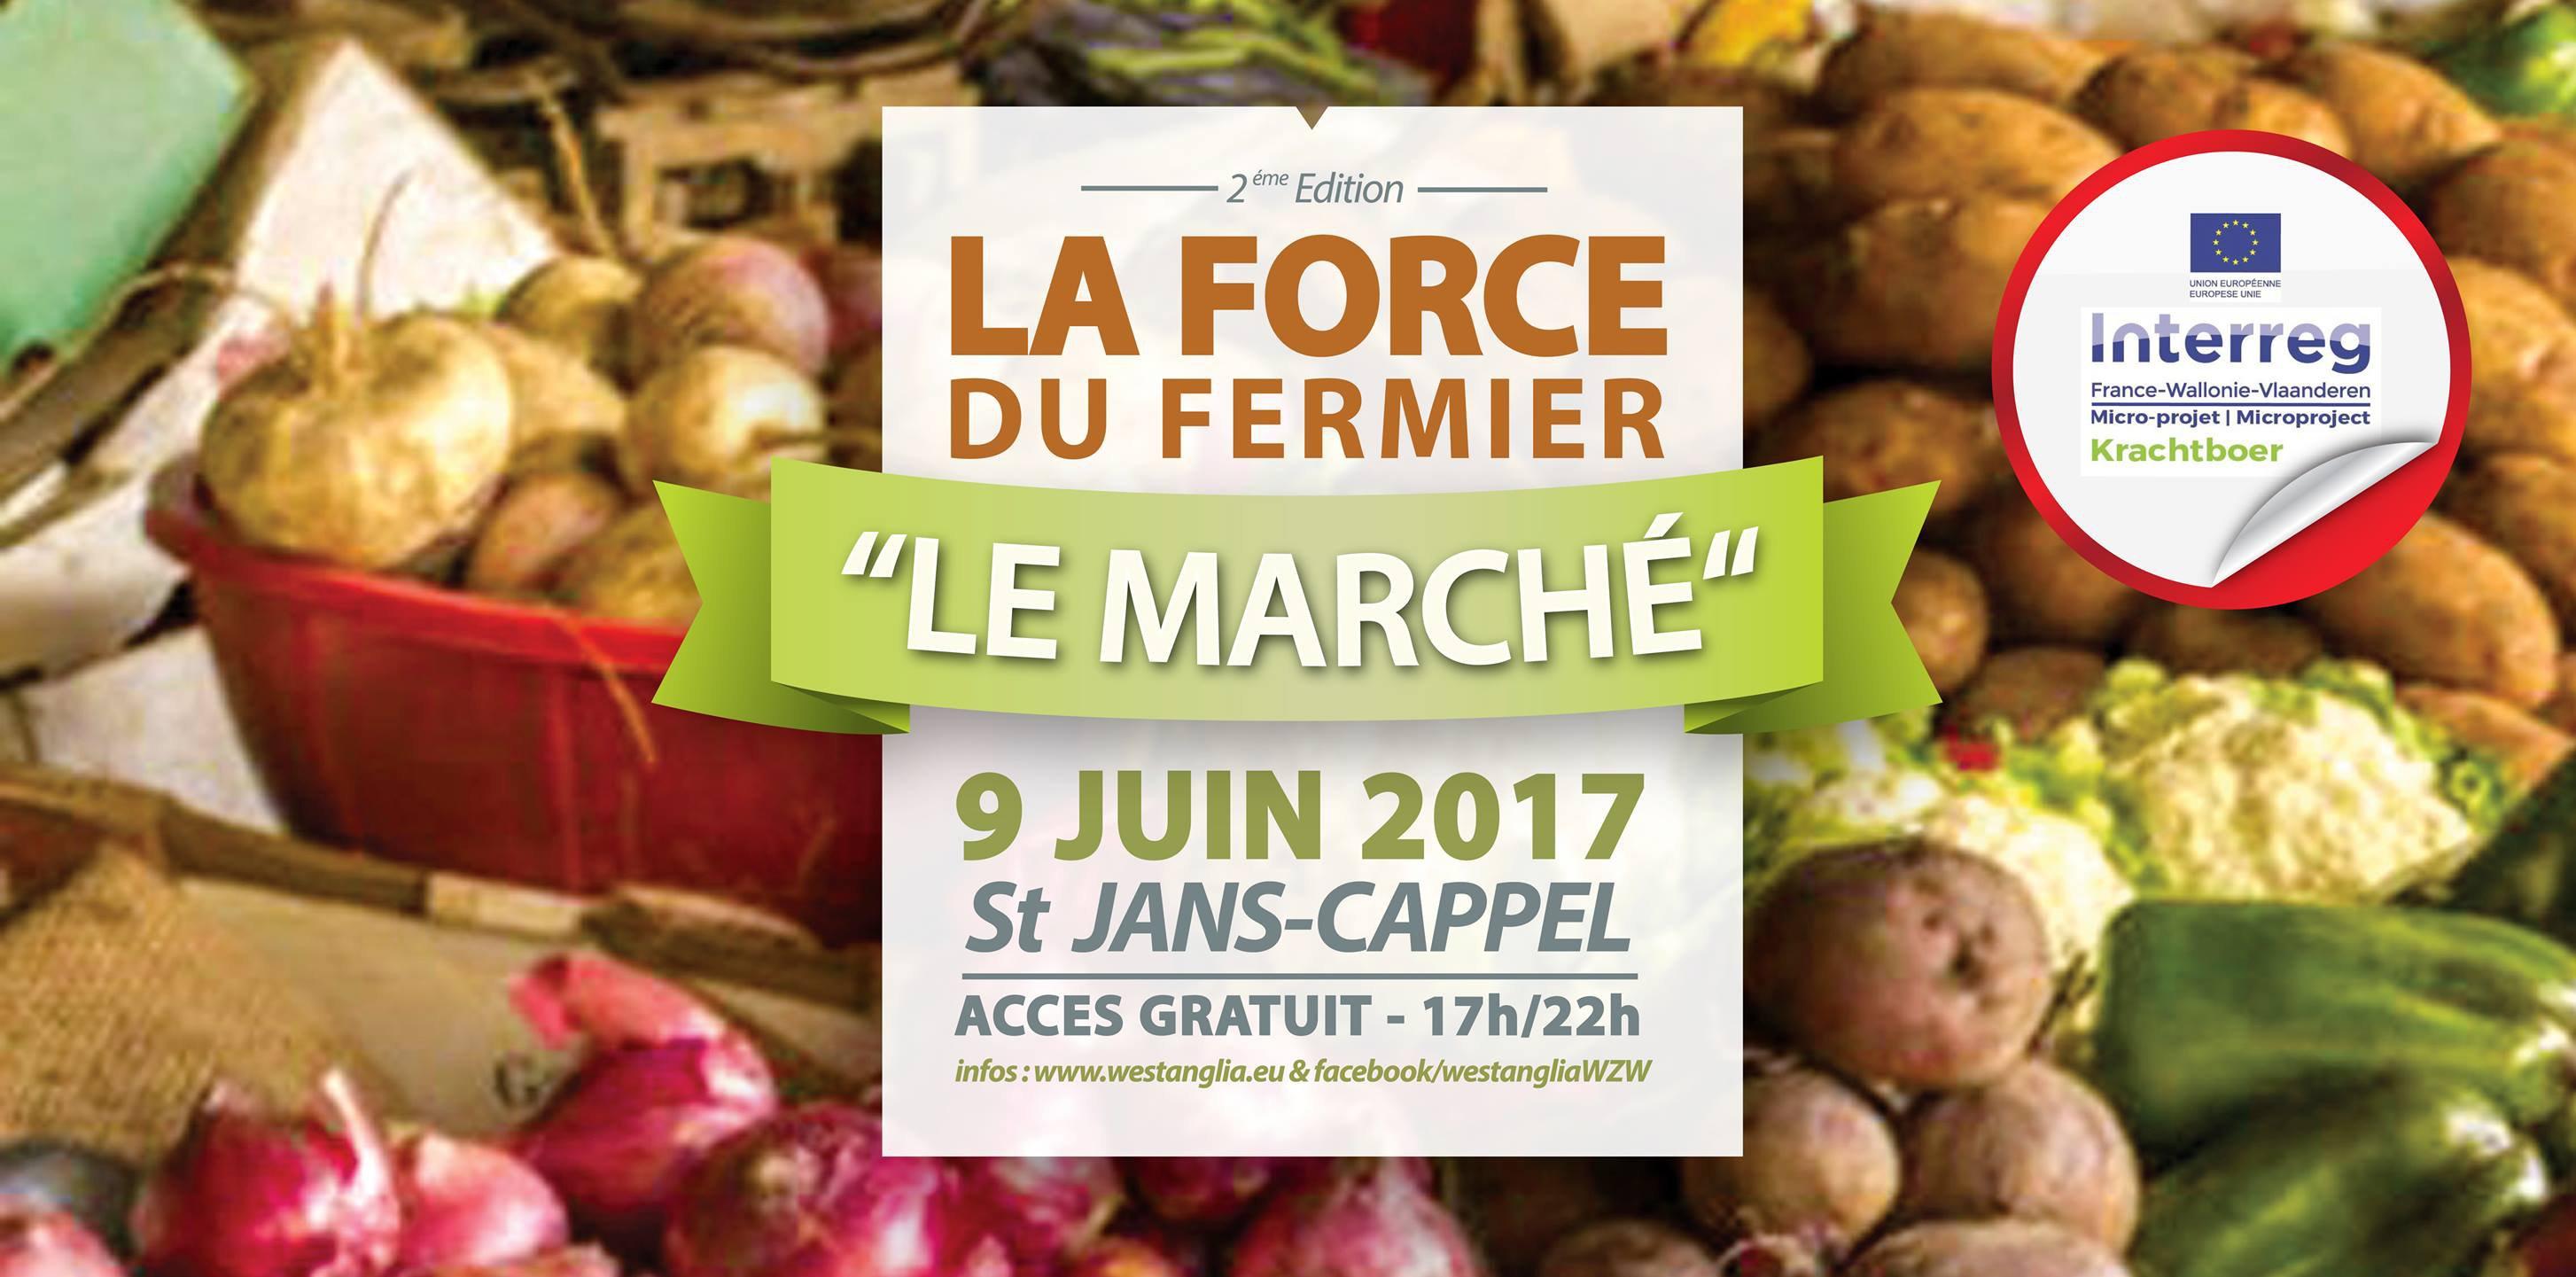 La force du fermier, marché bio saint jans cappel